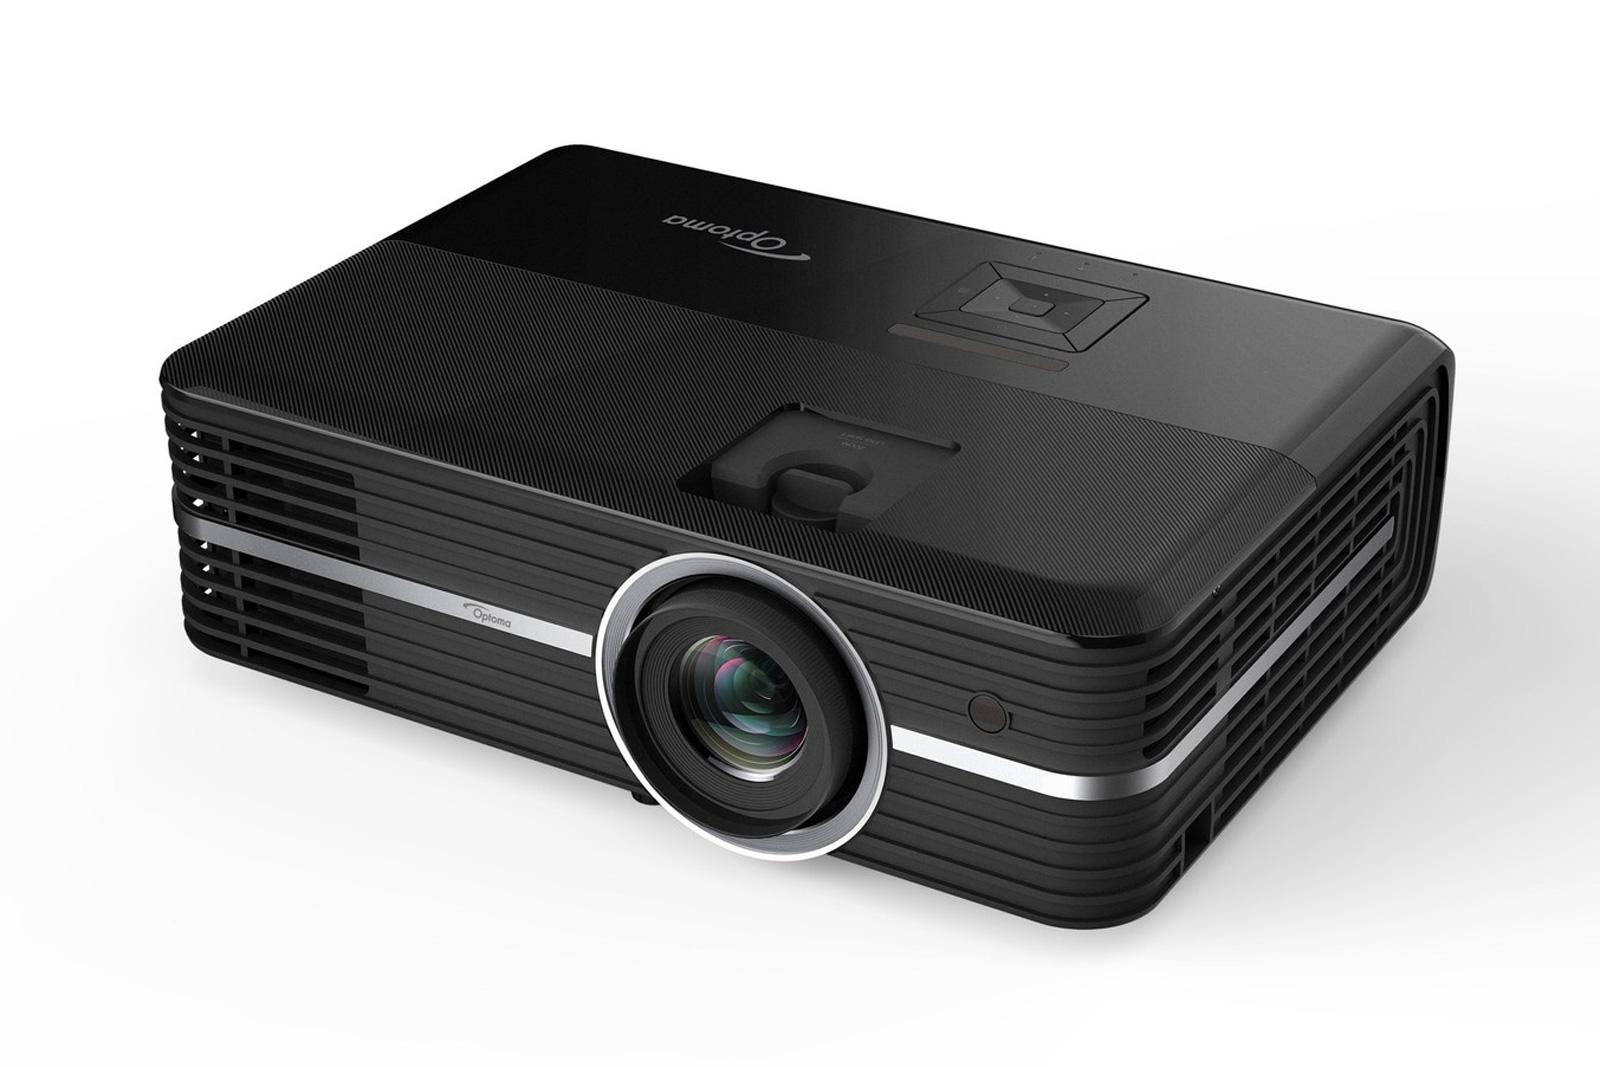 El nuevo proyector de Optoma apagará las luces cuando empiece la película